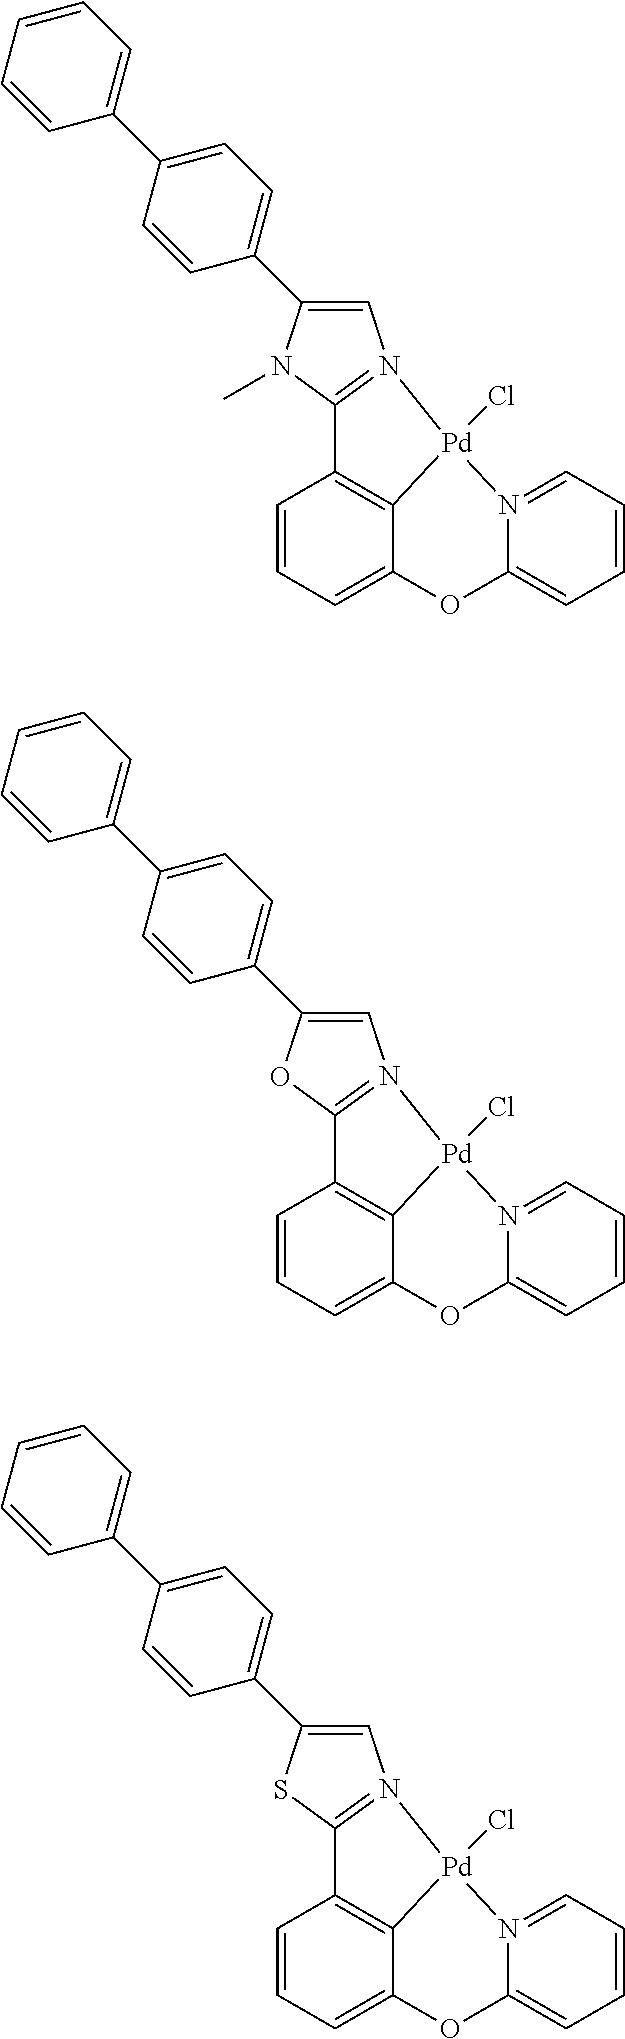 Figure US09818959-20171114-C00174